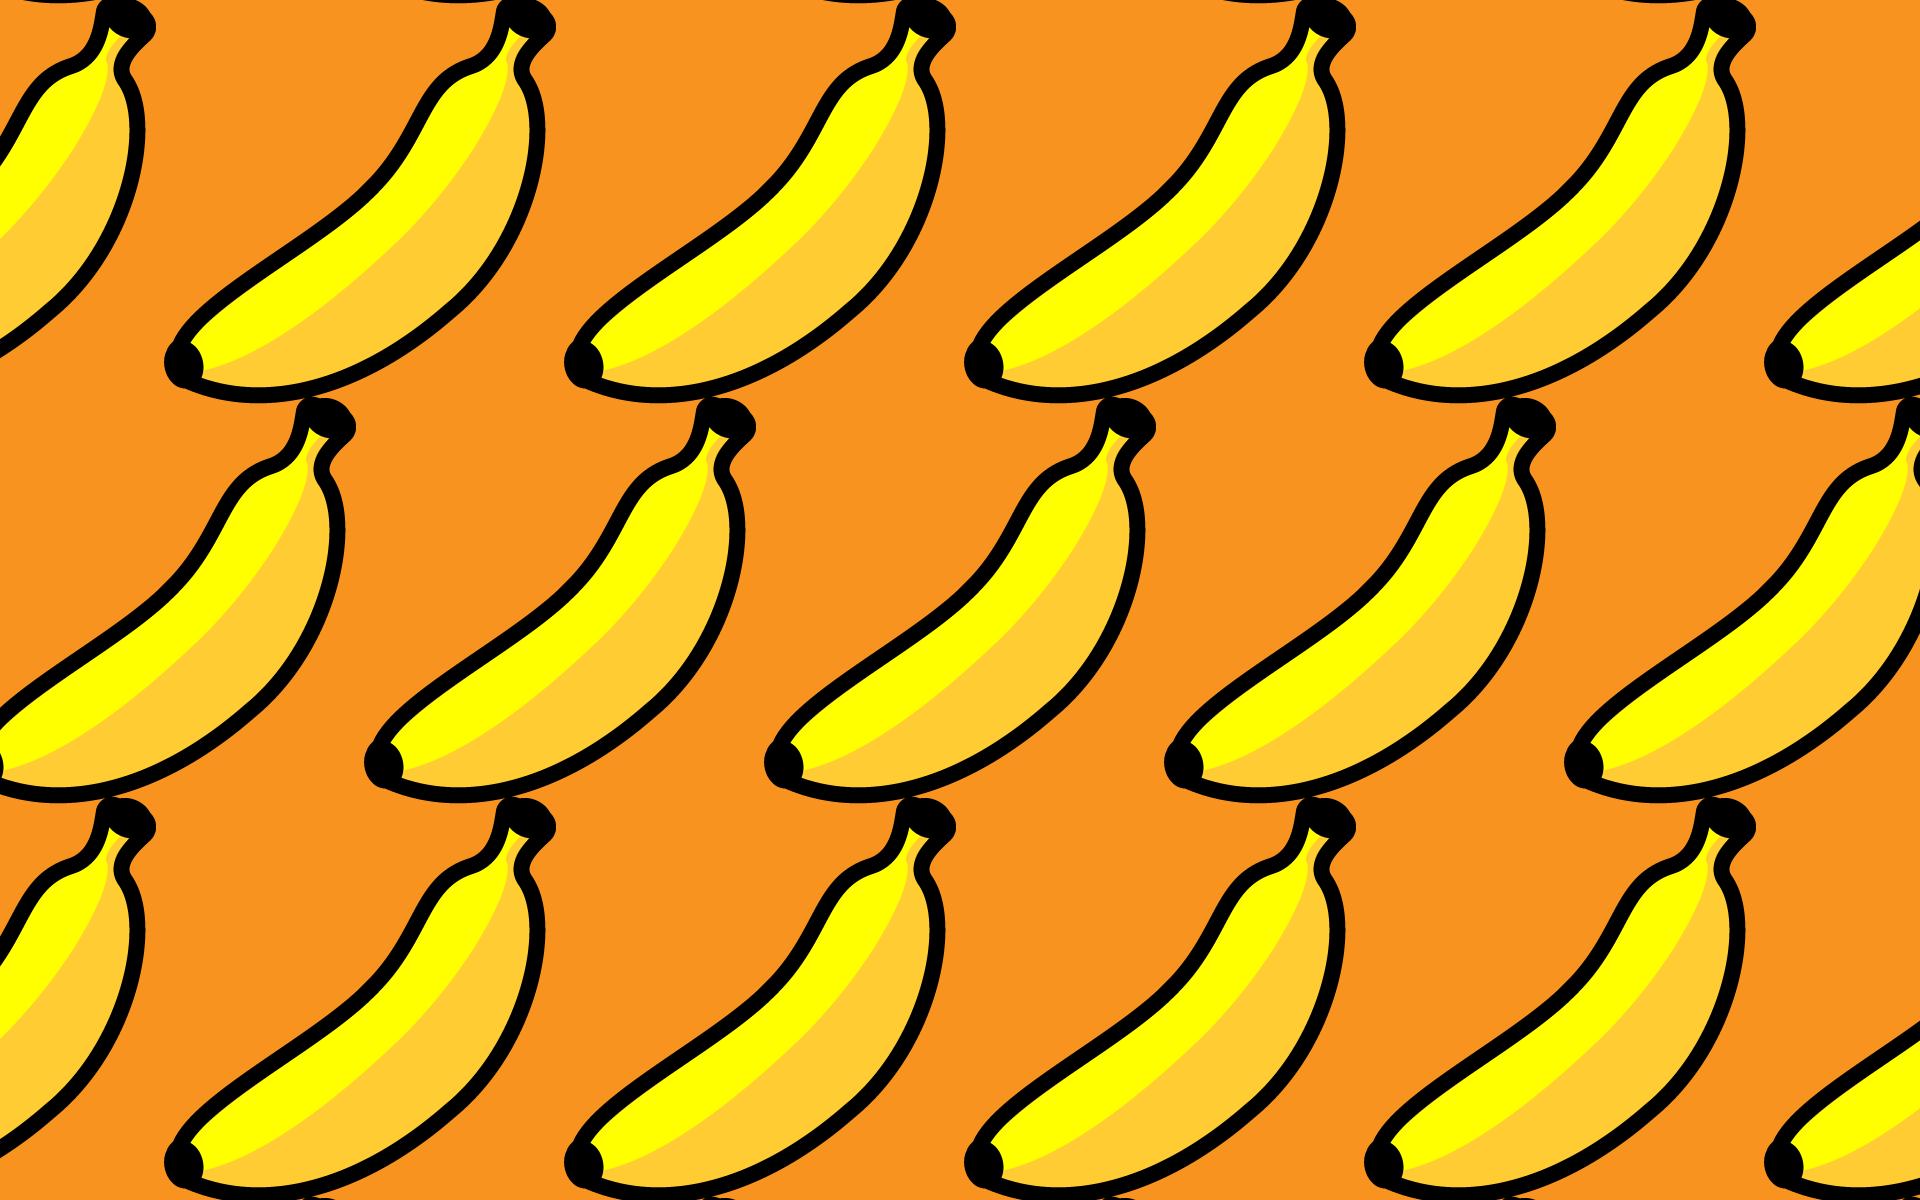 かわいいバナナづくし壁紙(PC)の無料イラスト・商用フリー